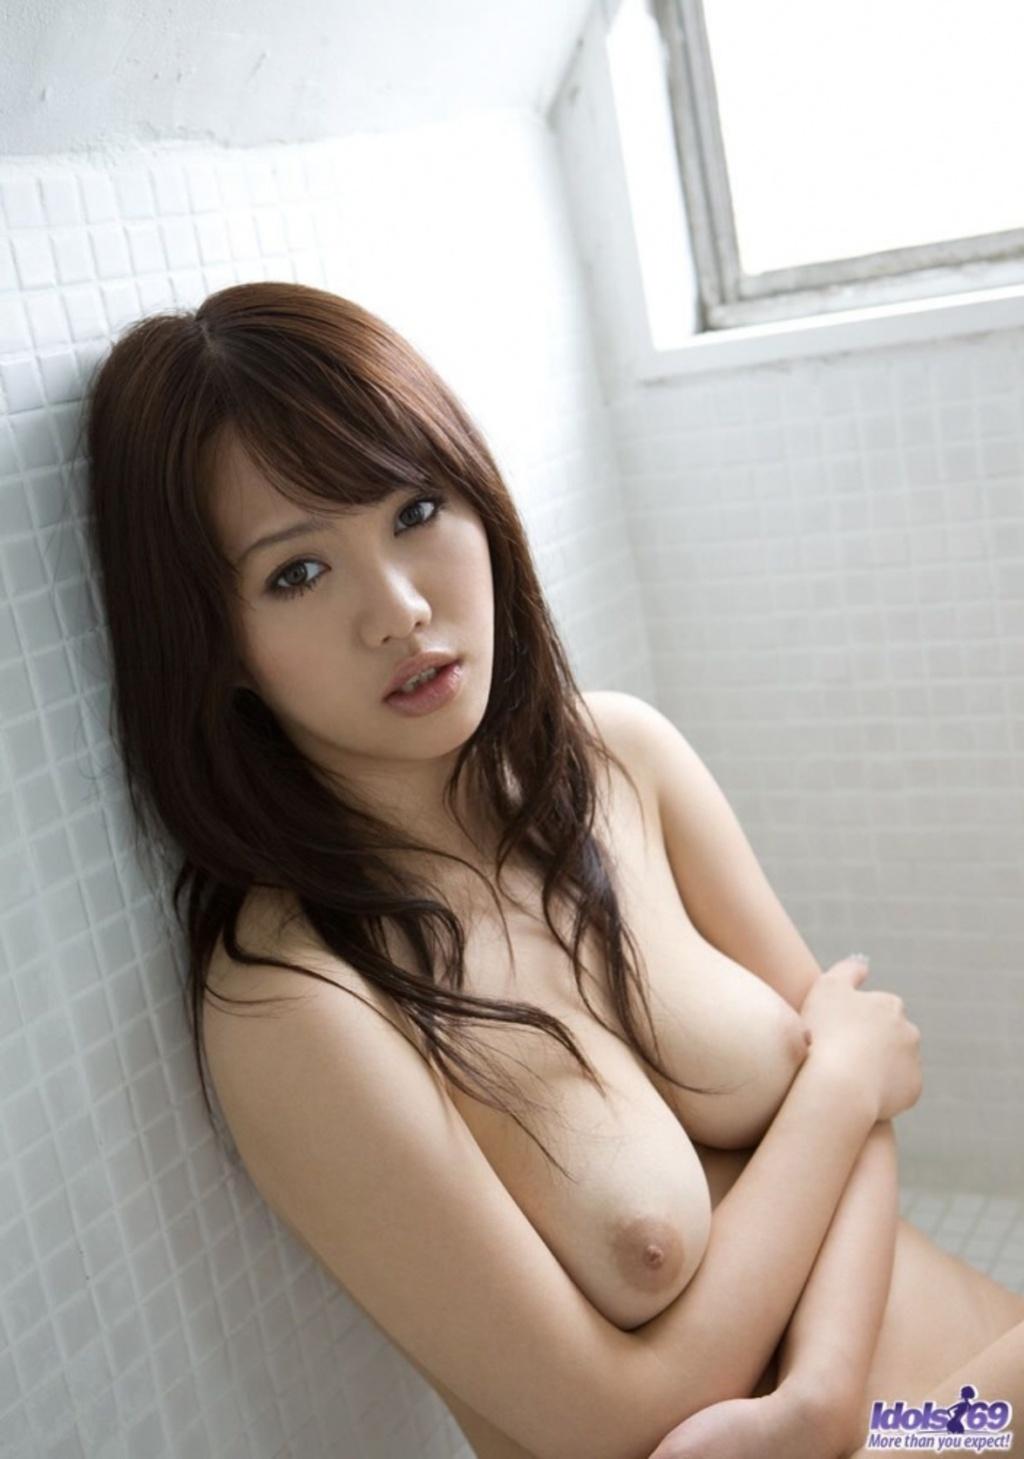 Пьяная японочка смотреть 19 фотография